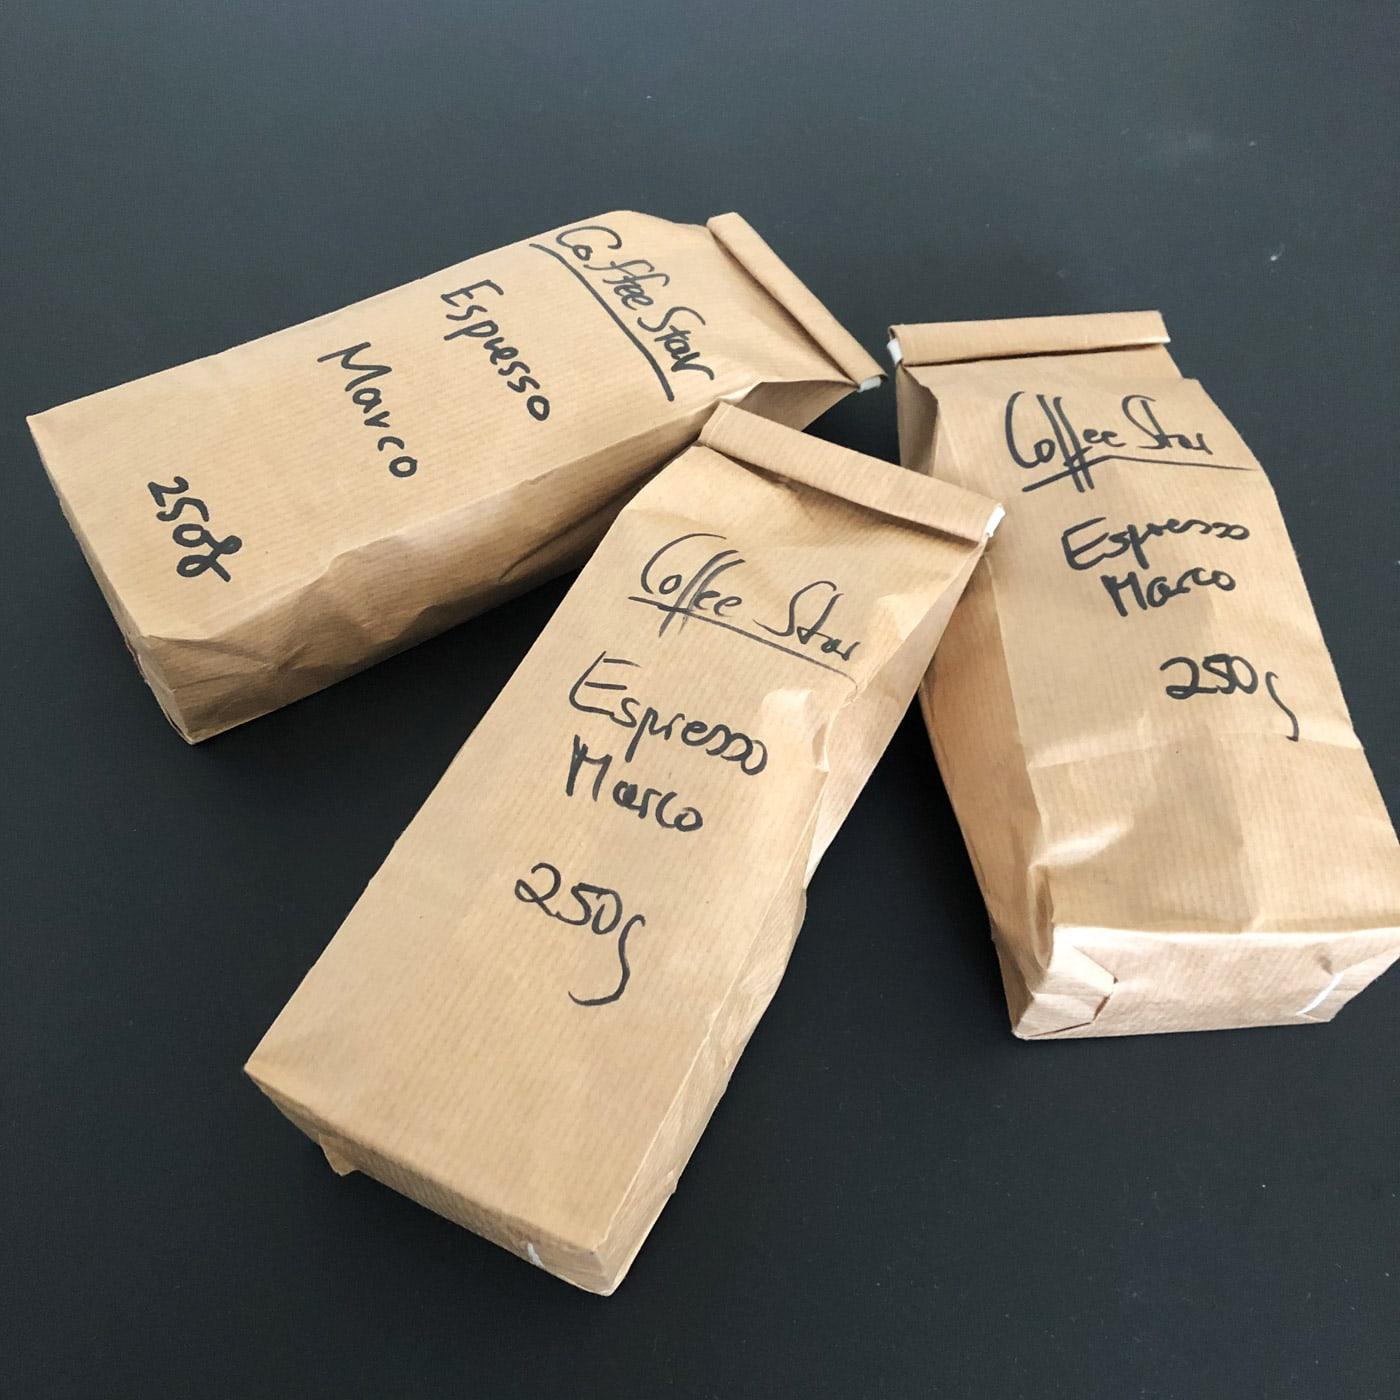 Homeoffice mit Kindern: Einziger zulässiger Hamsterkauf: Ausreichend Kaffee // HIMBEER